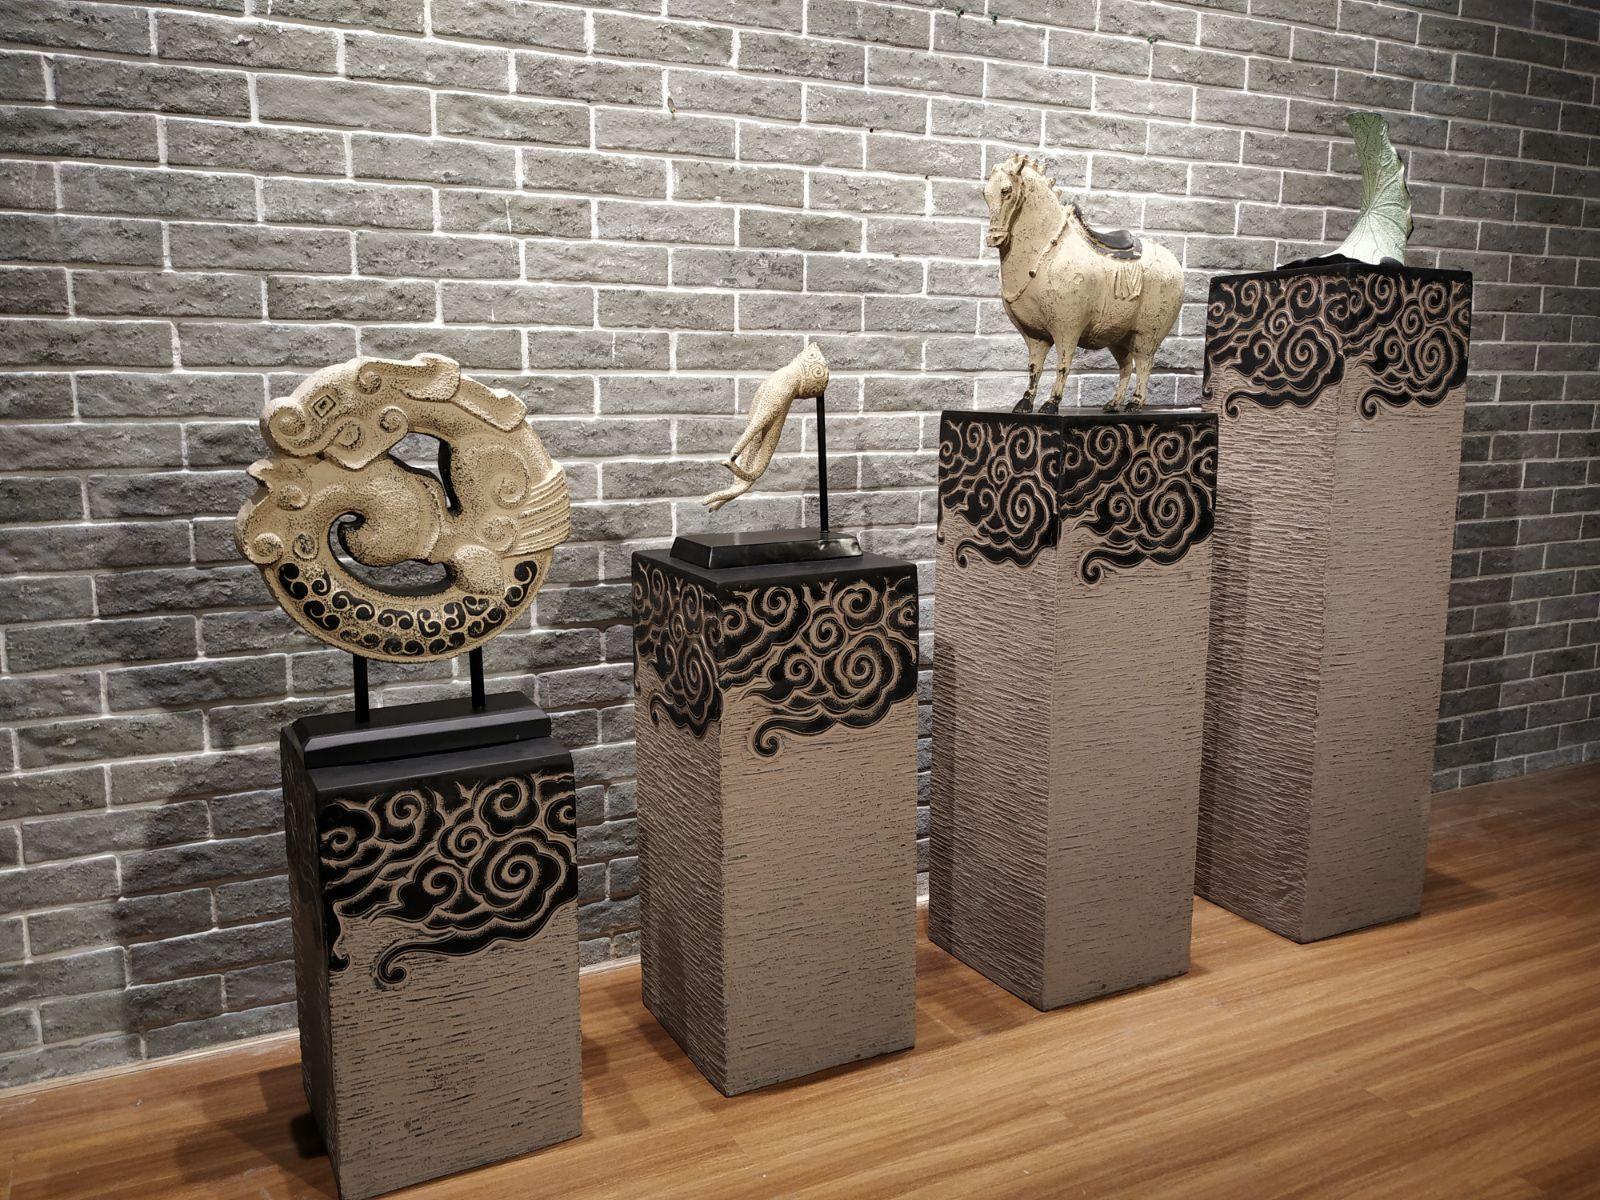 新中式仿古裝飾石柱佛像擺件噴泉底坐雕塑陳列臺展架展示柱祥雲柱